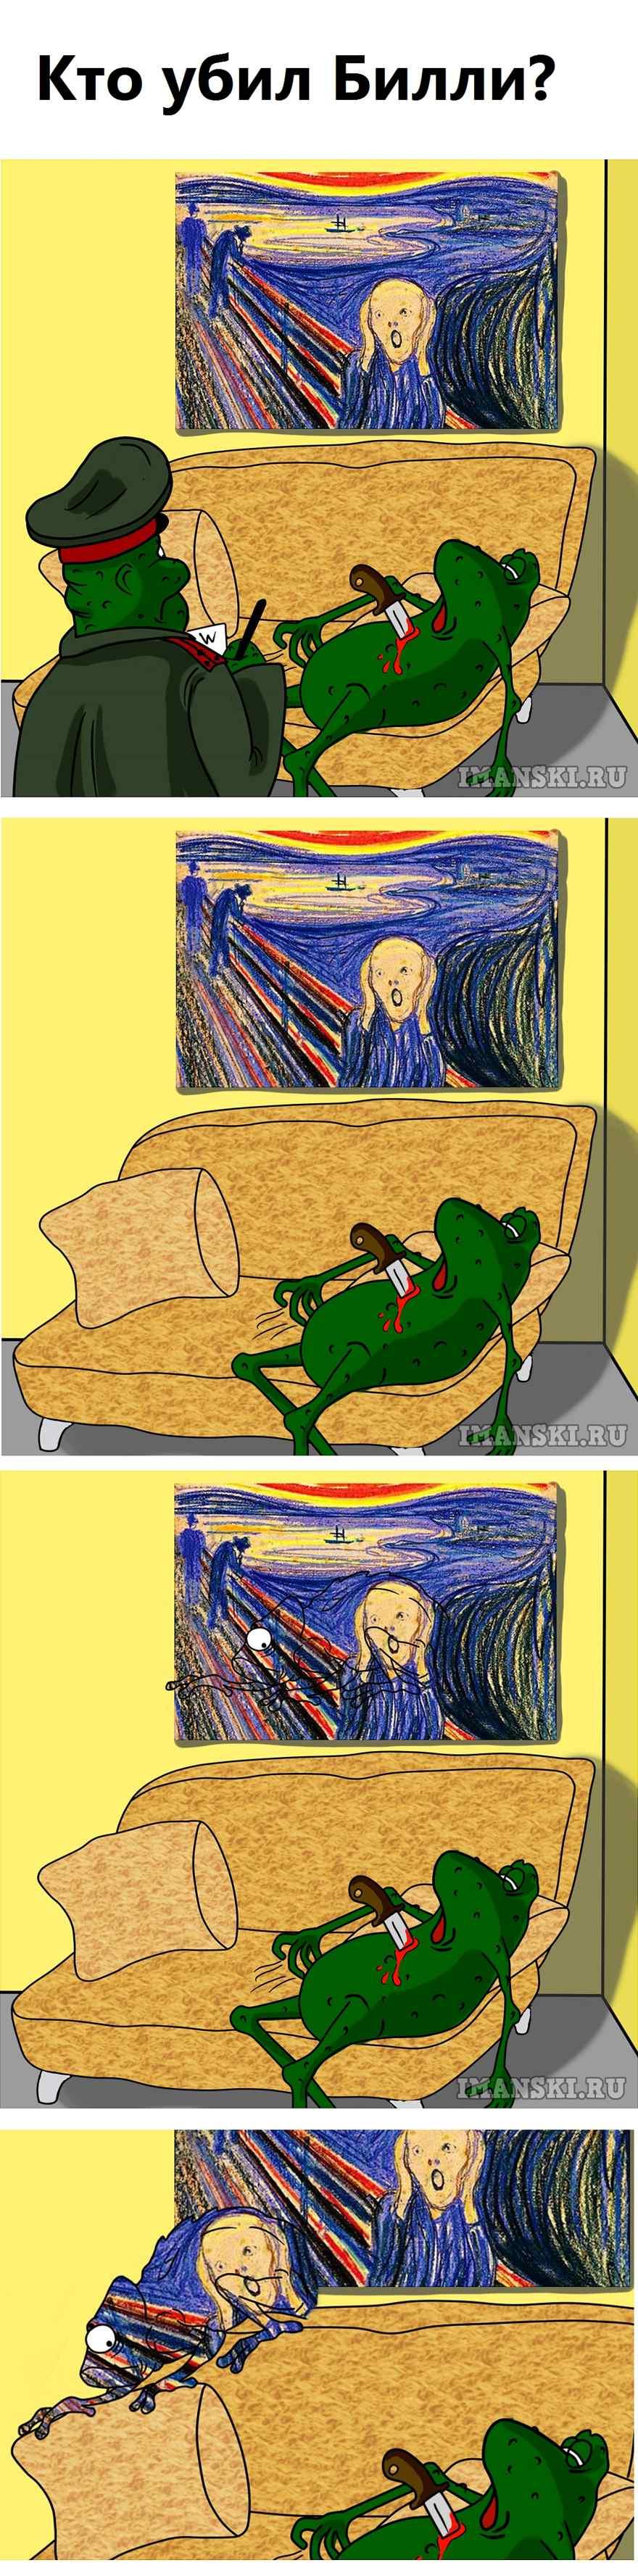 Кто убил Билли? Комикс. Автор Игорь Иманский.